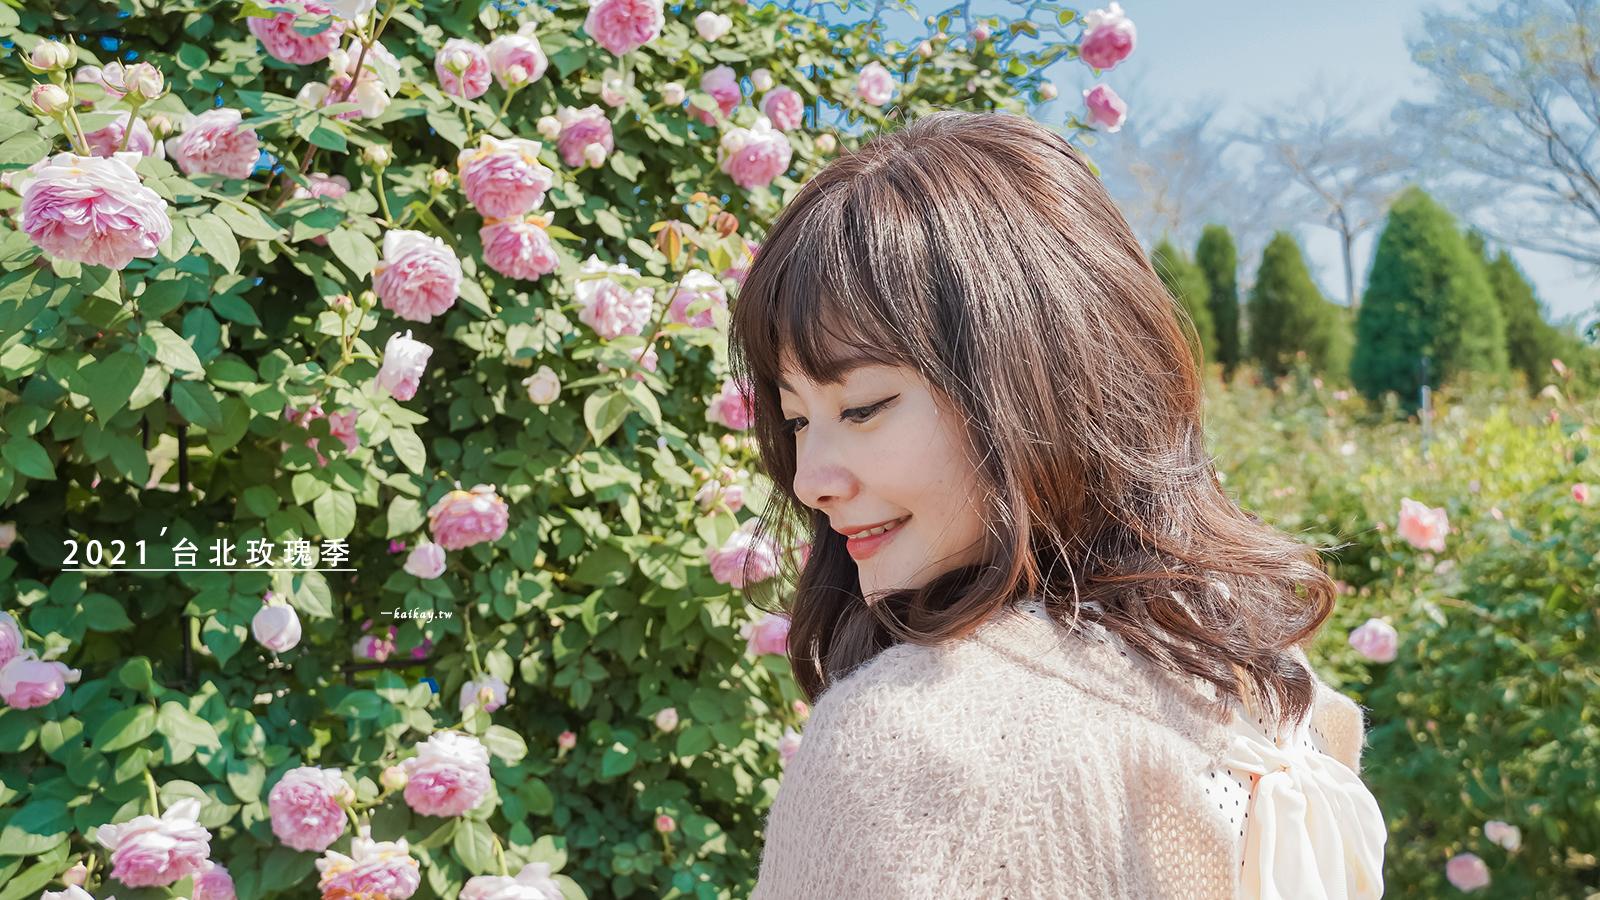 即時熱門文章:☆【台北|圓山站】2021台北玫瑰展搶先看。闖入紅心皇后的五彩玫瑰園